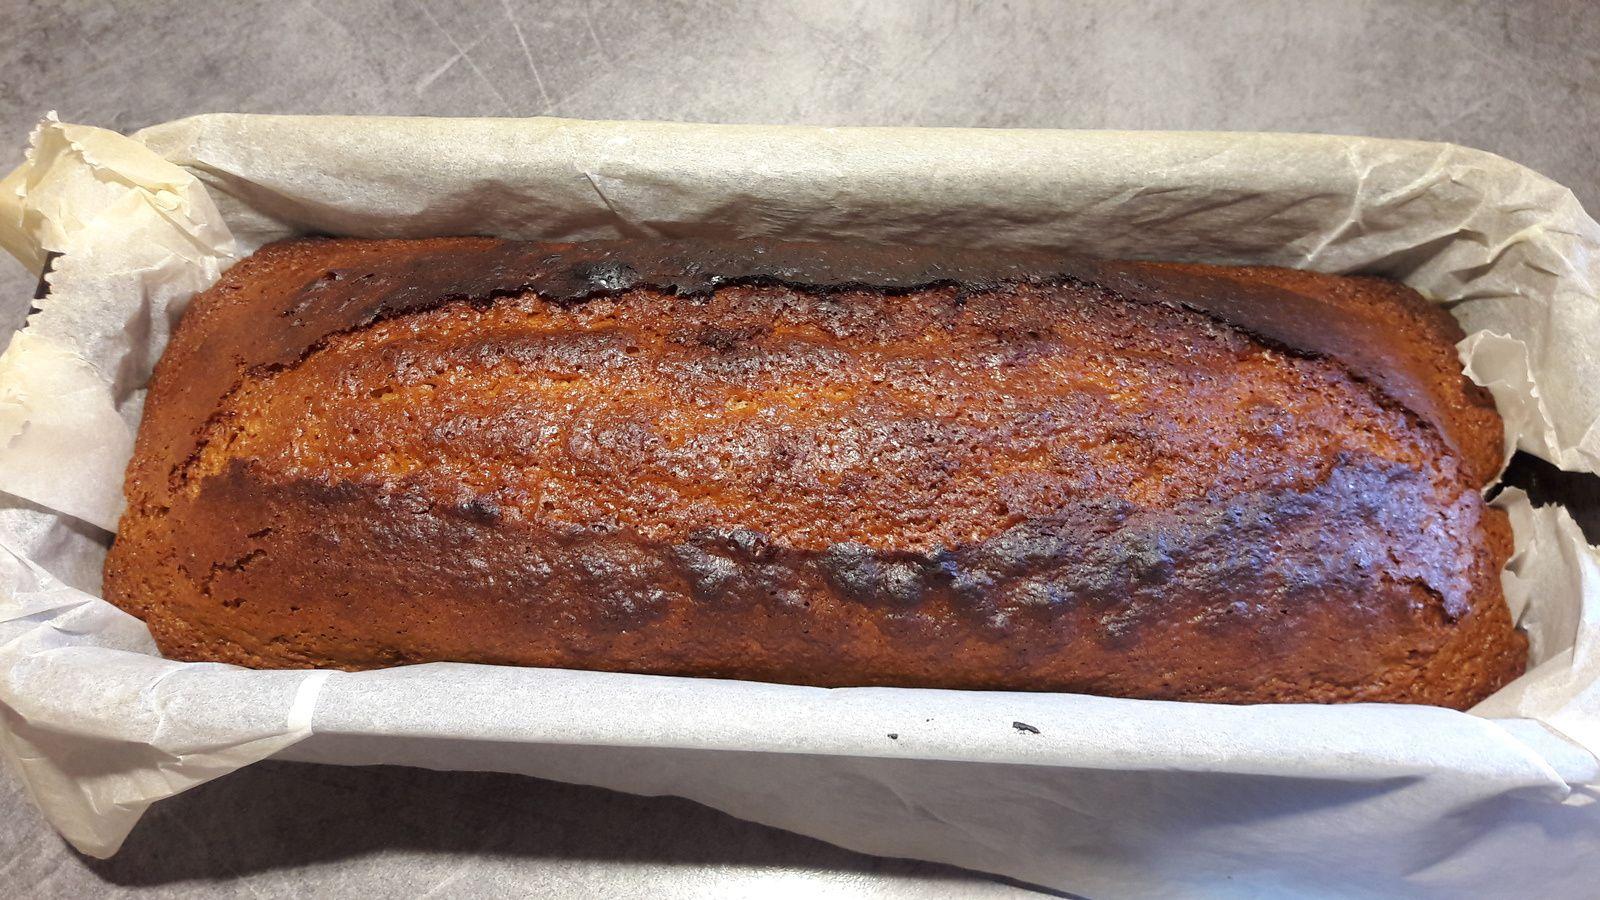 La recette de mon pain d'épices pour le foie gras est déjà sur mon blog .allez a droite dans rechercher